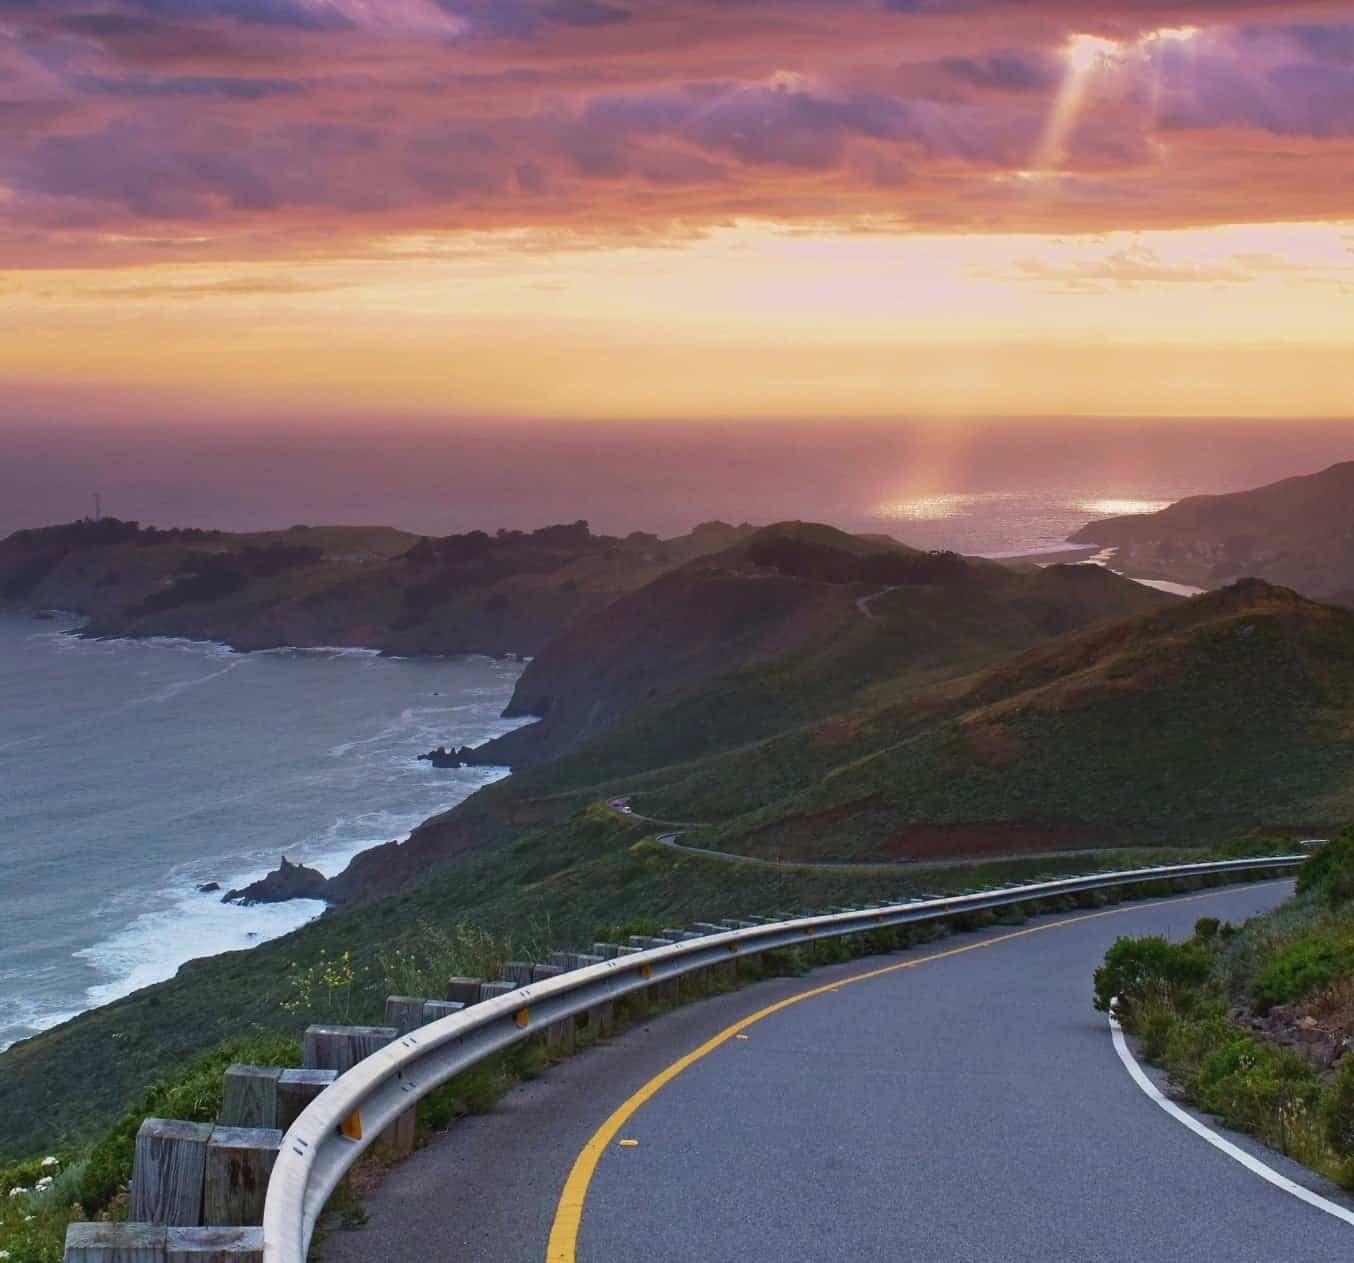 Southern California, Malibu